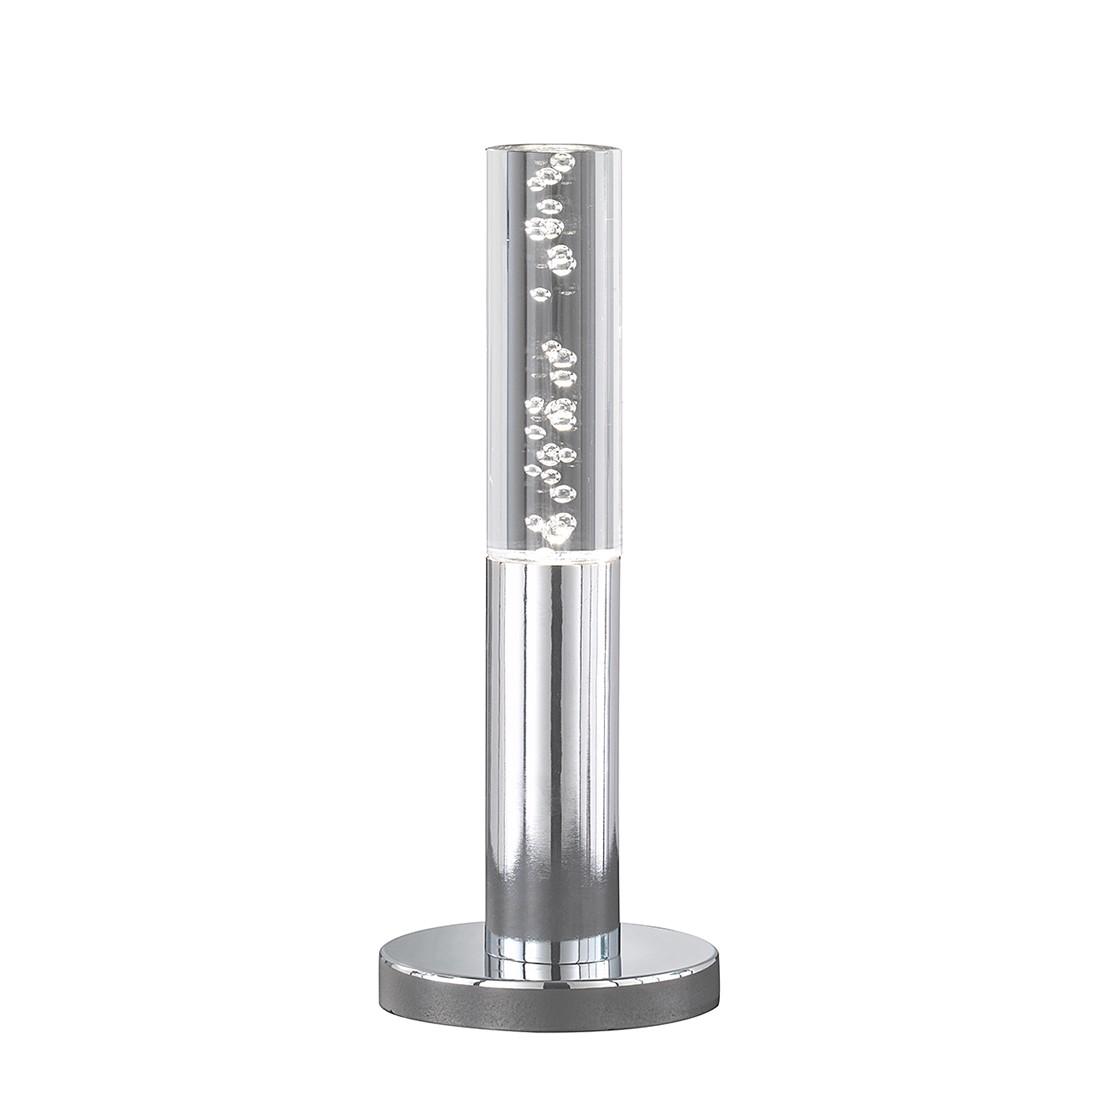 energie  A+, Tafellamp MIDU - metaal/kunststof 1-lichtbron, Wofi